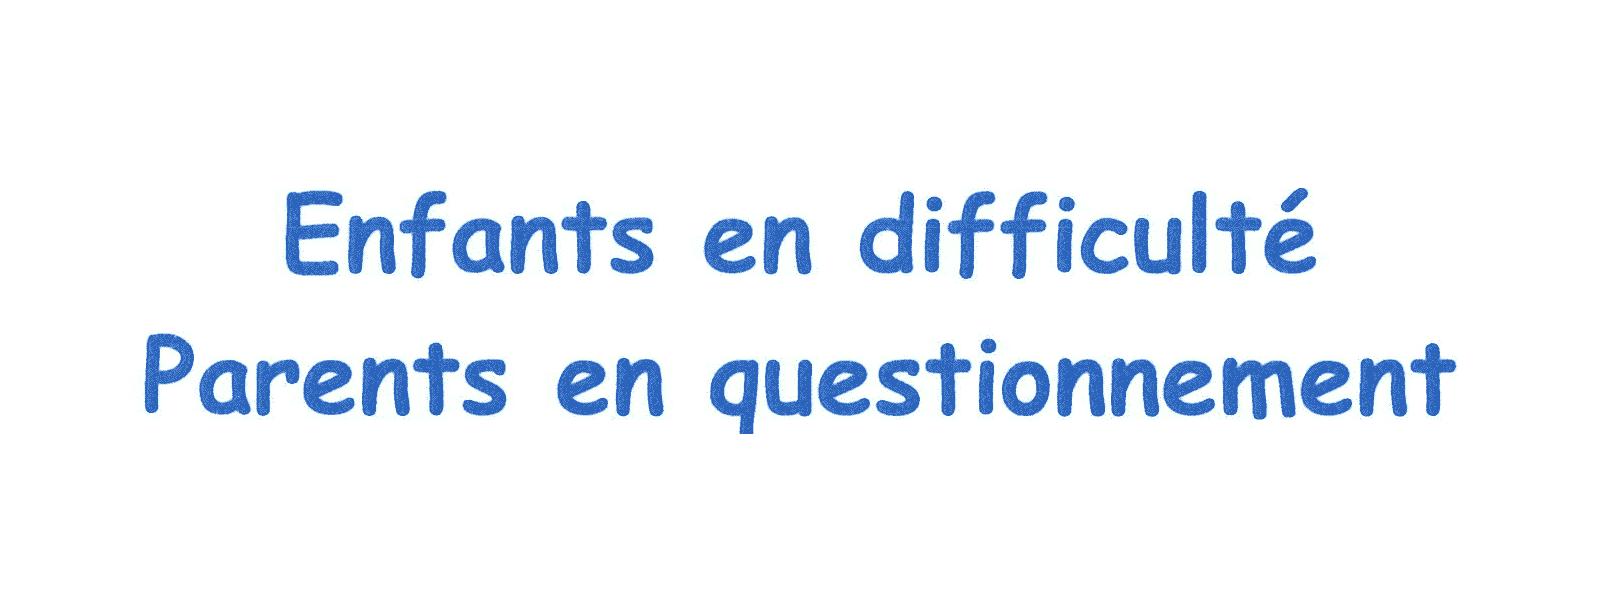 Conférence Enfants en difficulté - parents en questionnement